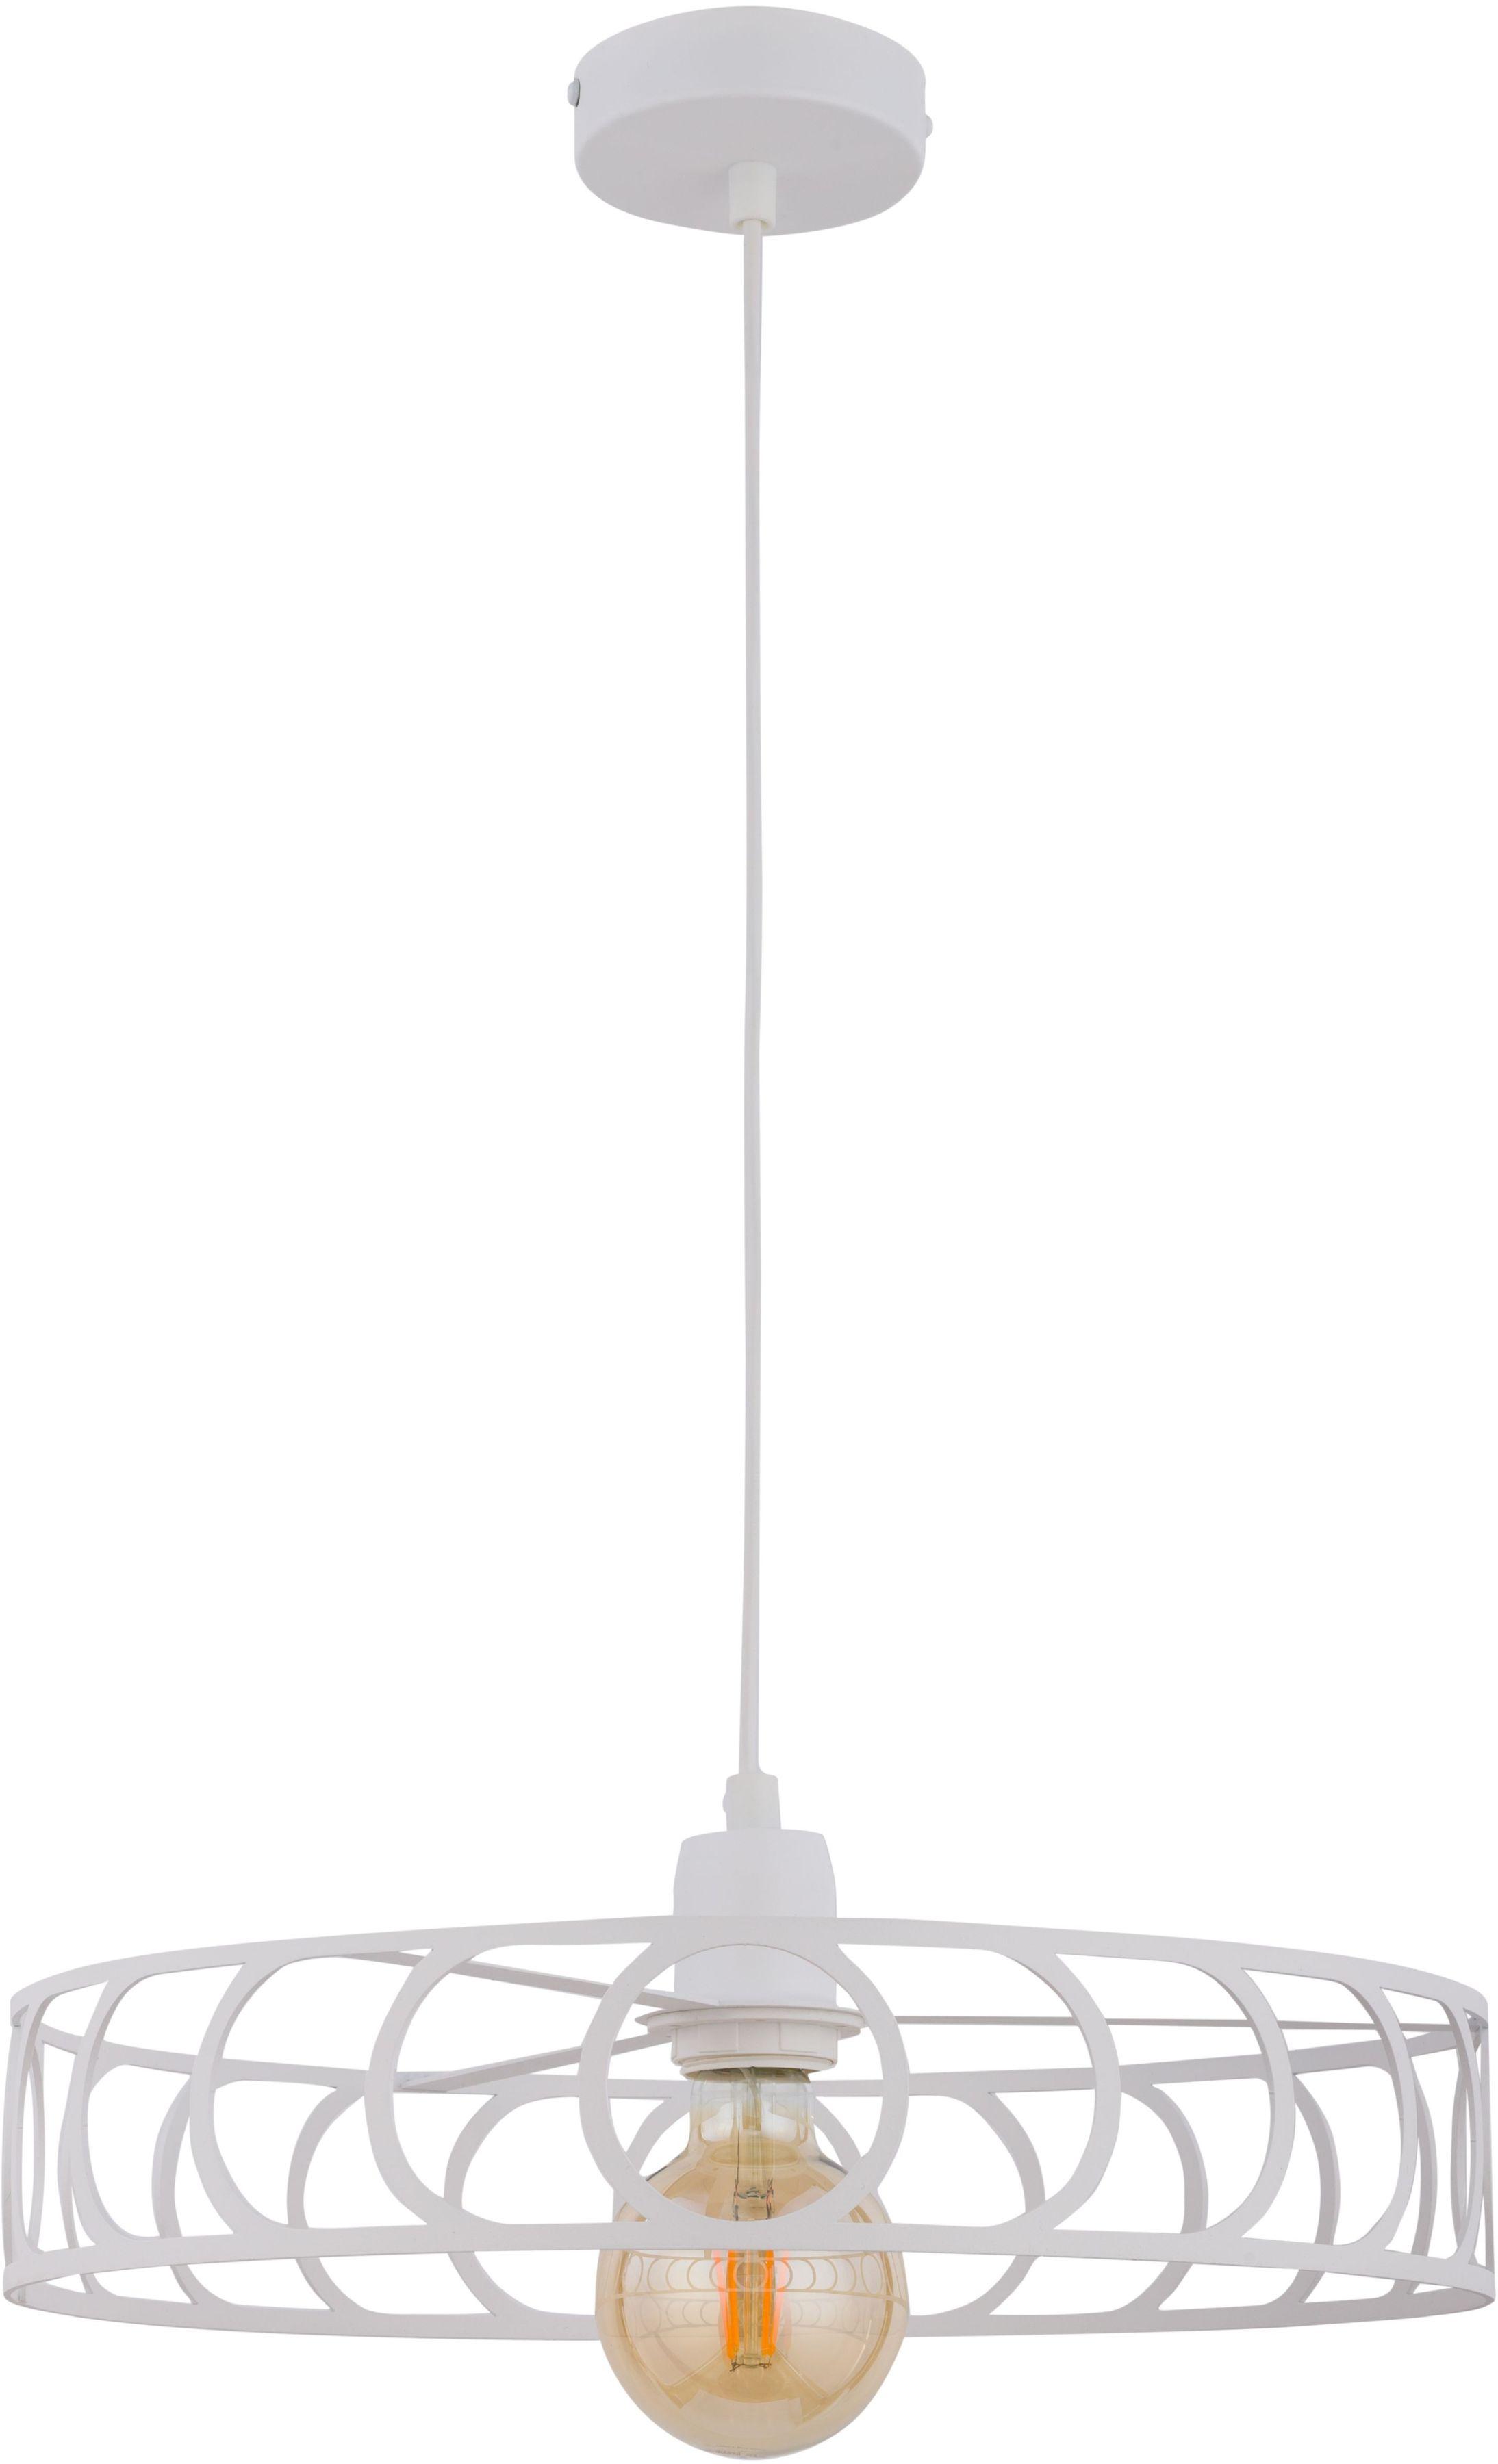 Lampa wisząca Moon biała metalowa okrągła 32043 - Sigma Do -17% rabatu w koszyku i darmowa dostawa od 299zł !